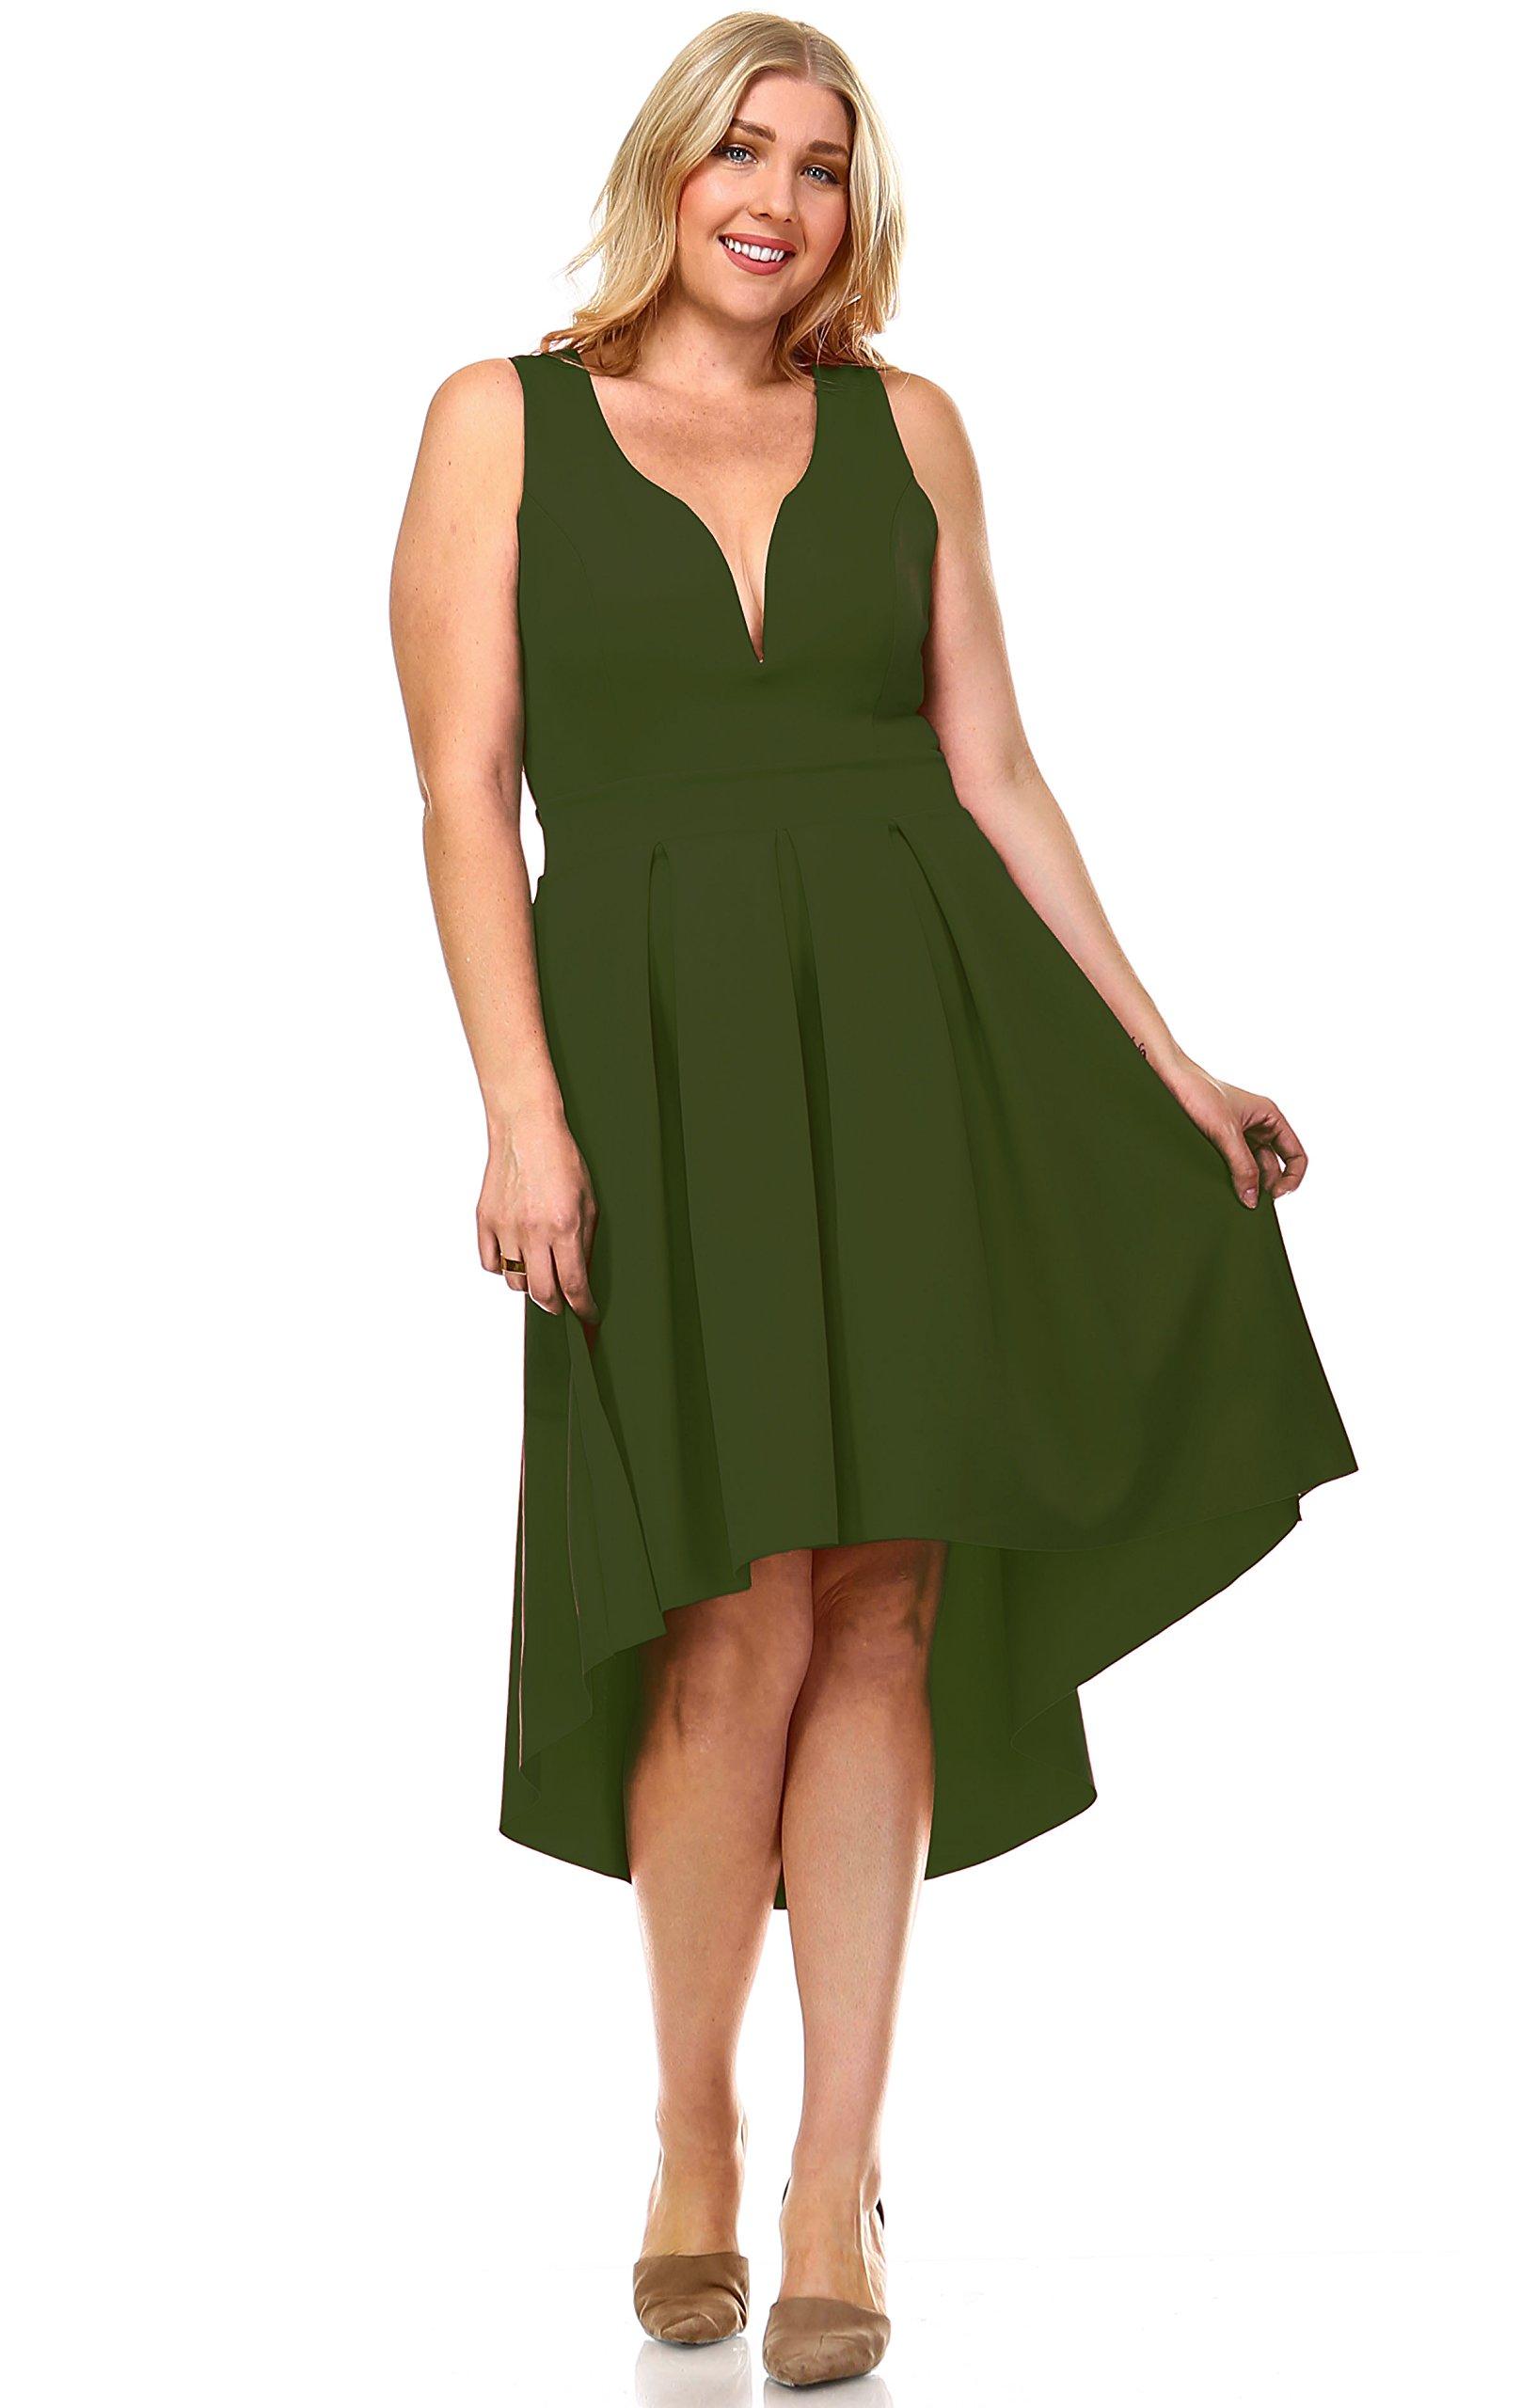 Zoozie LA Women's Plus Size Pleated Midi Cocktail Dress with Empire Waist Olive 3X by Zoozie LA